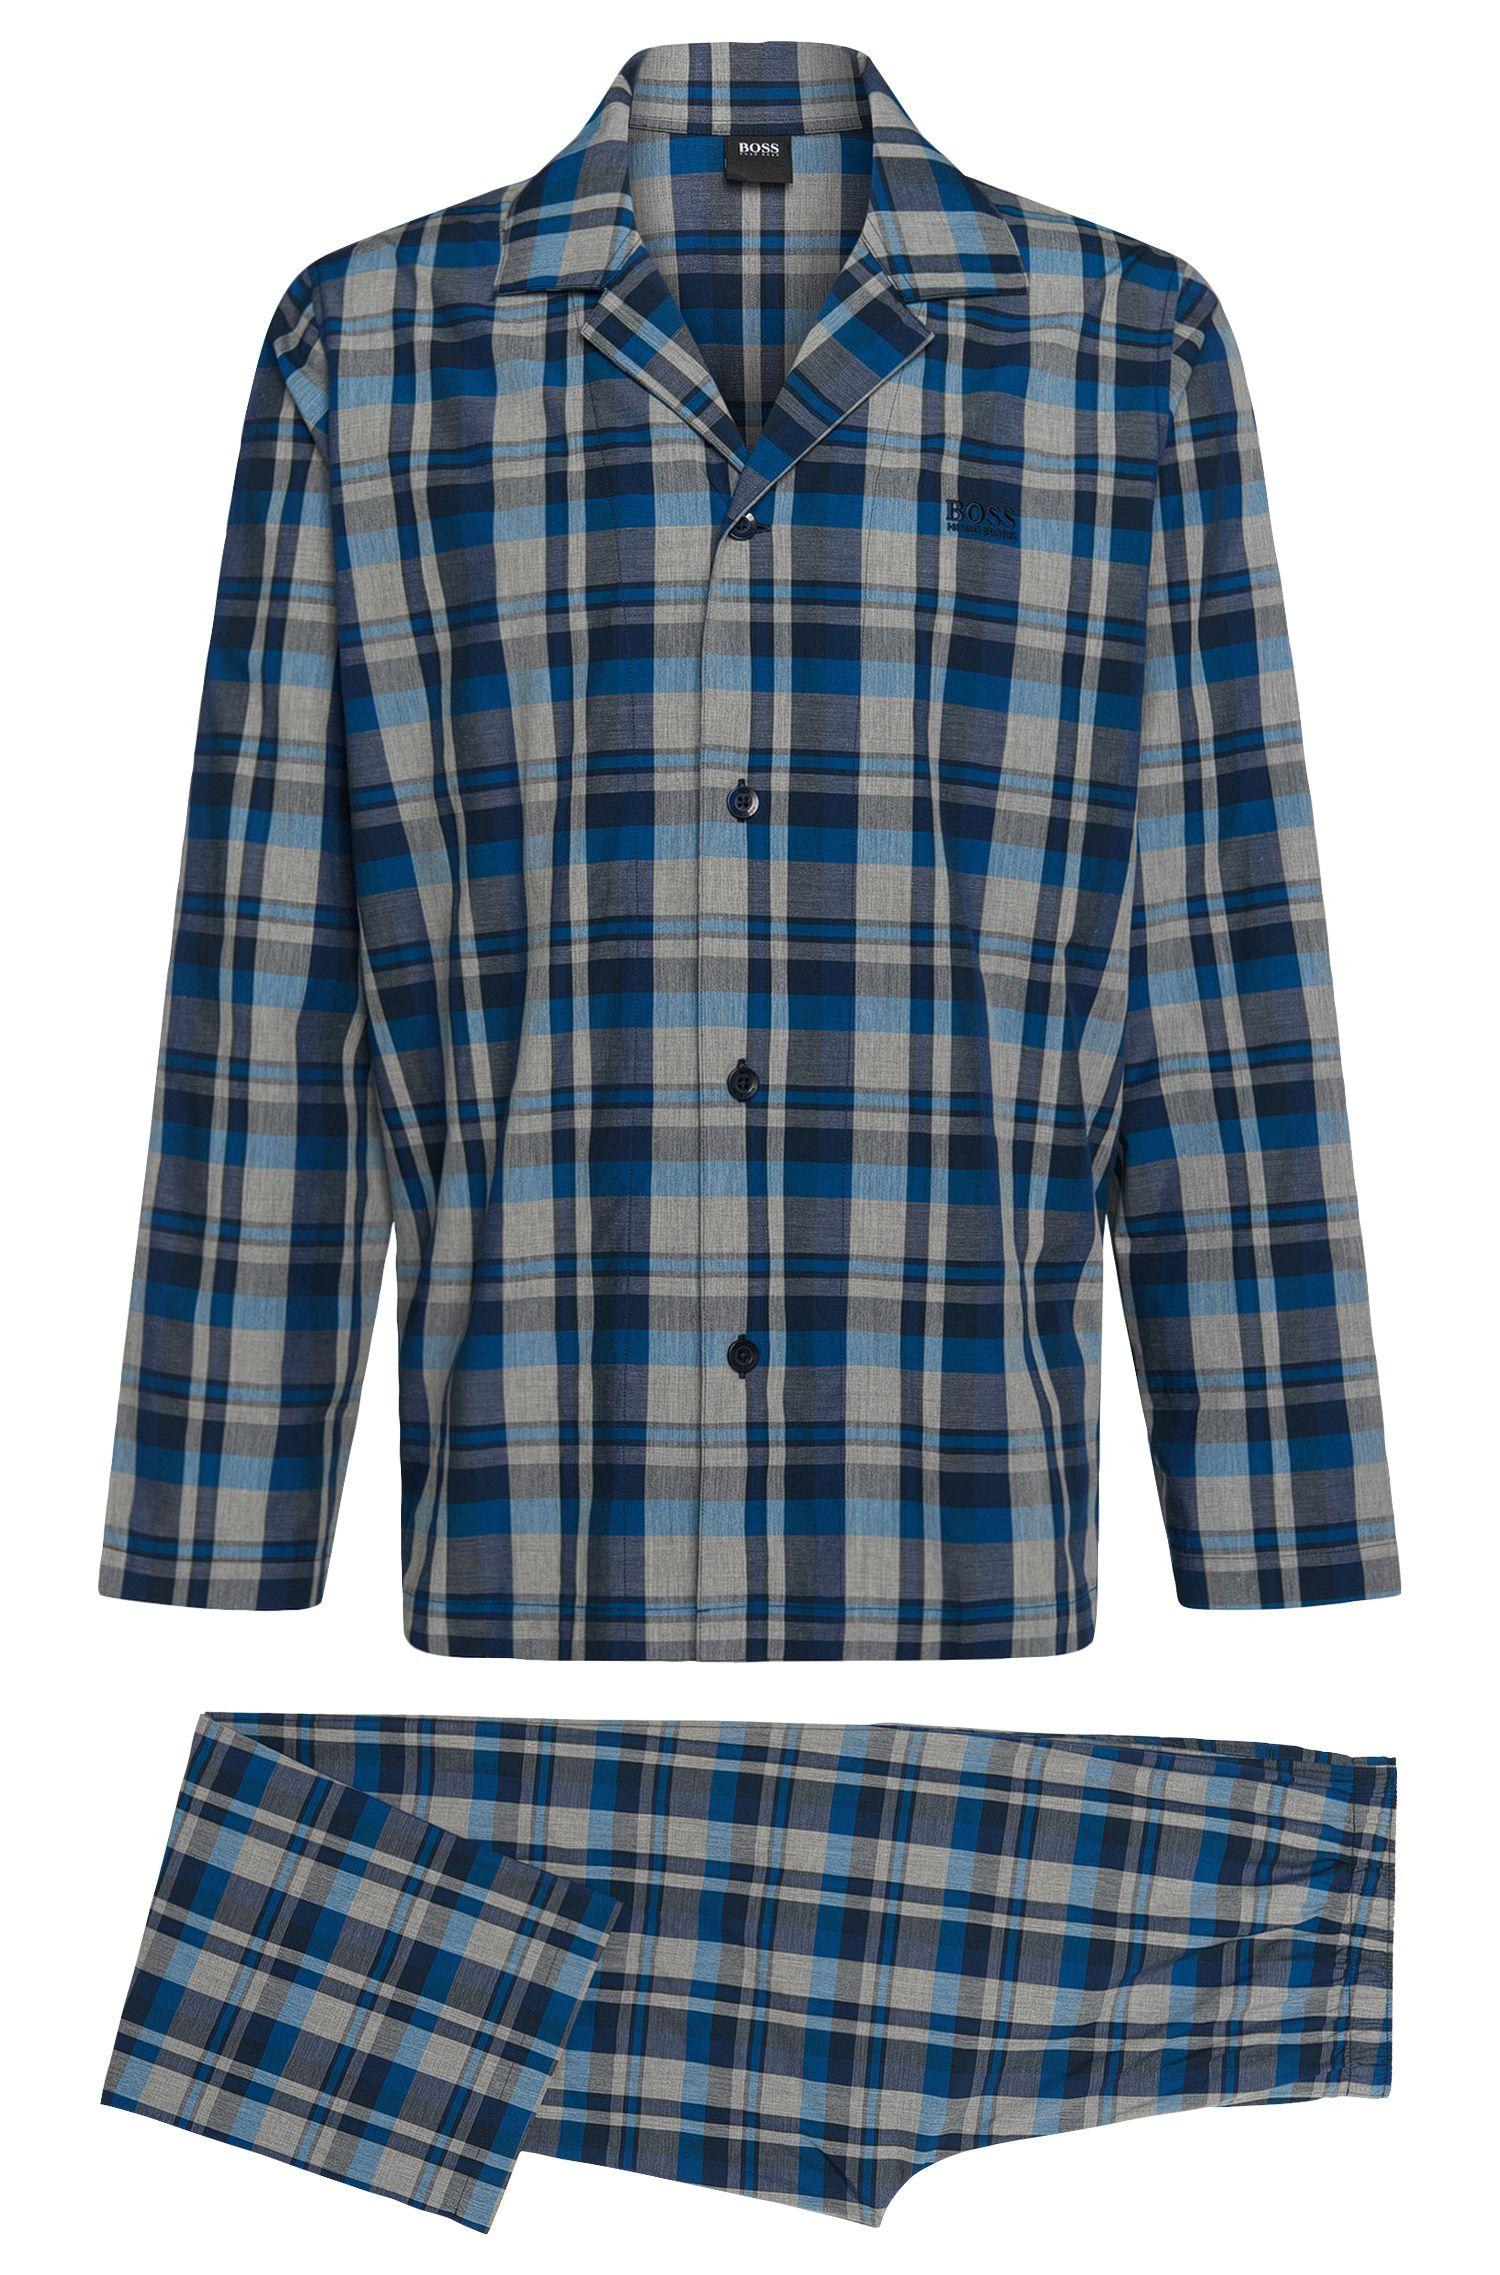 Gemusterter Pyjama aus Baumwolle: 'Pyjama 1'